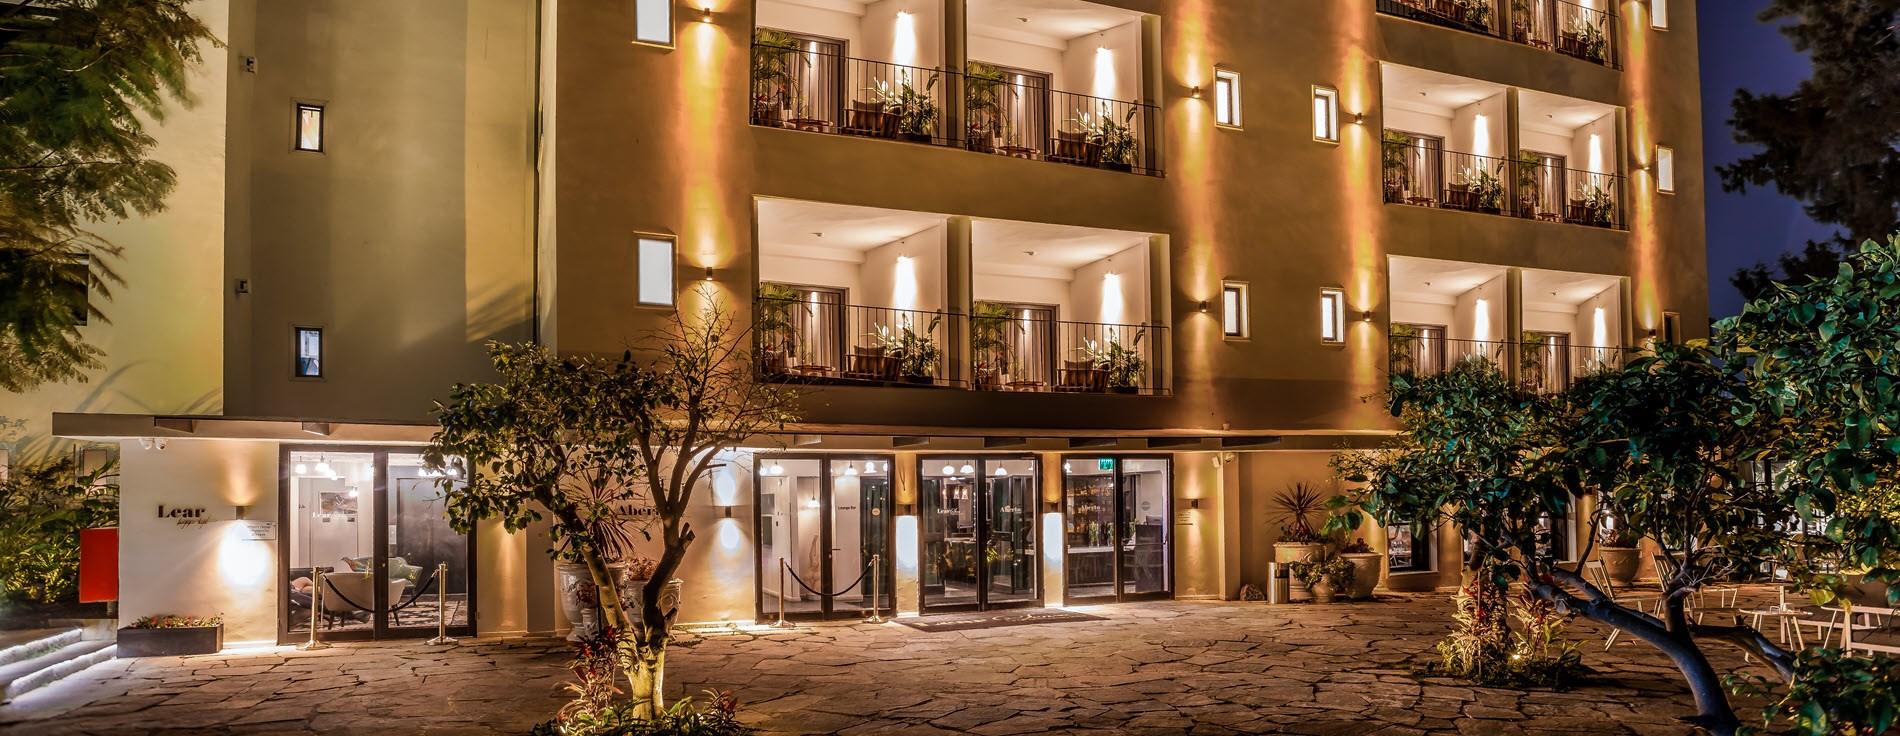 כניסה מלון ליר  - מלון בוטיק בגדרה